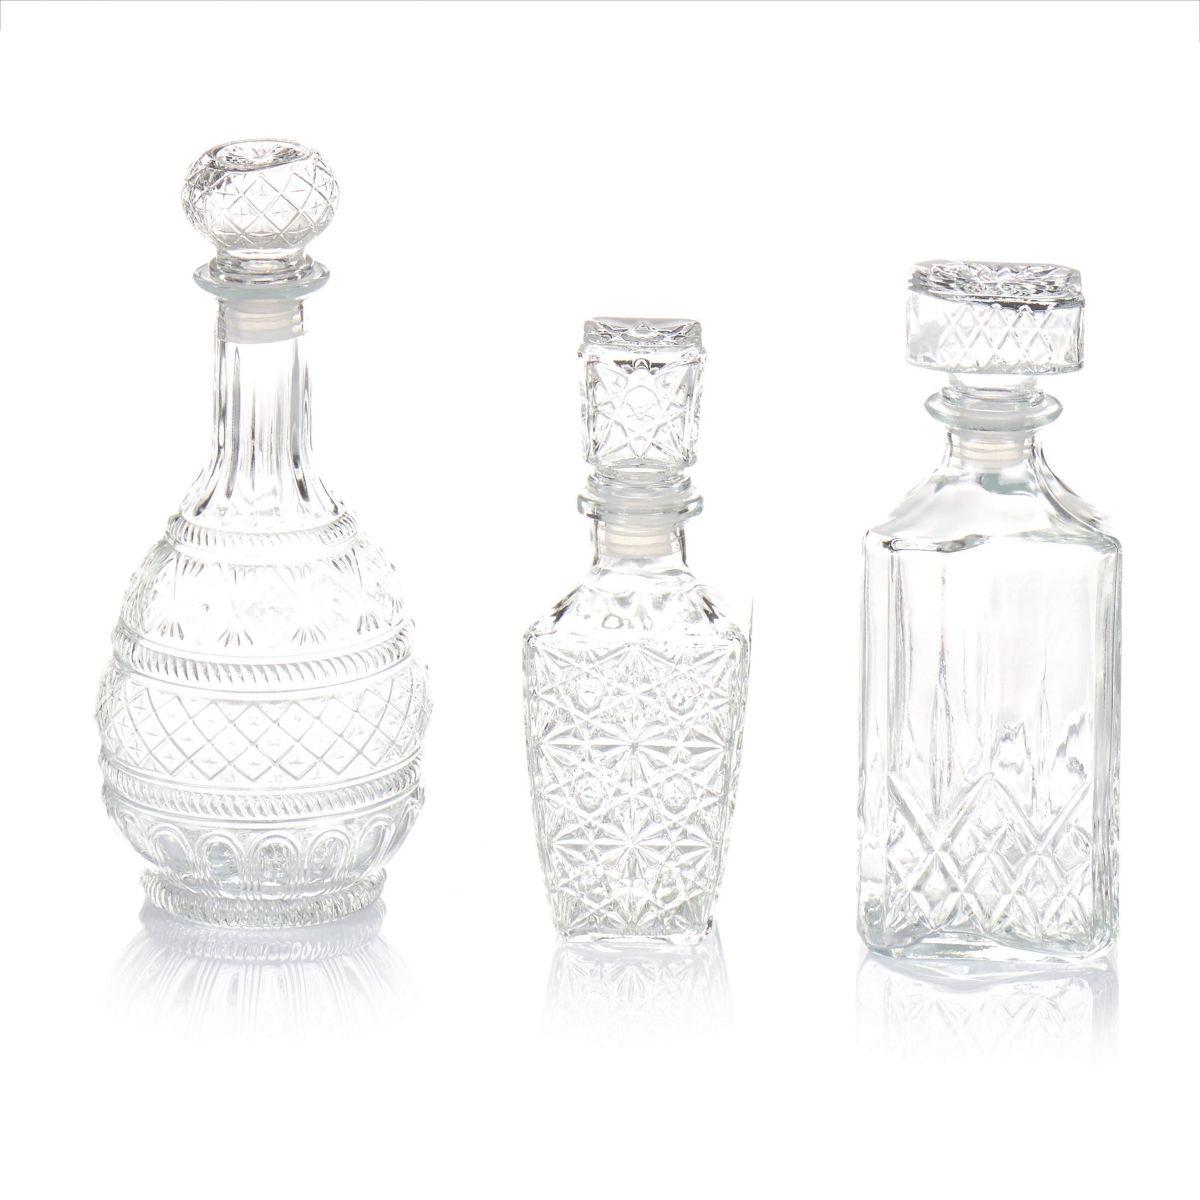 Karaffen-Set, 3-tlg., edles Kristallglasdesign, Glas (Impressionen)